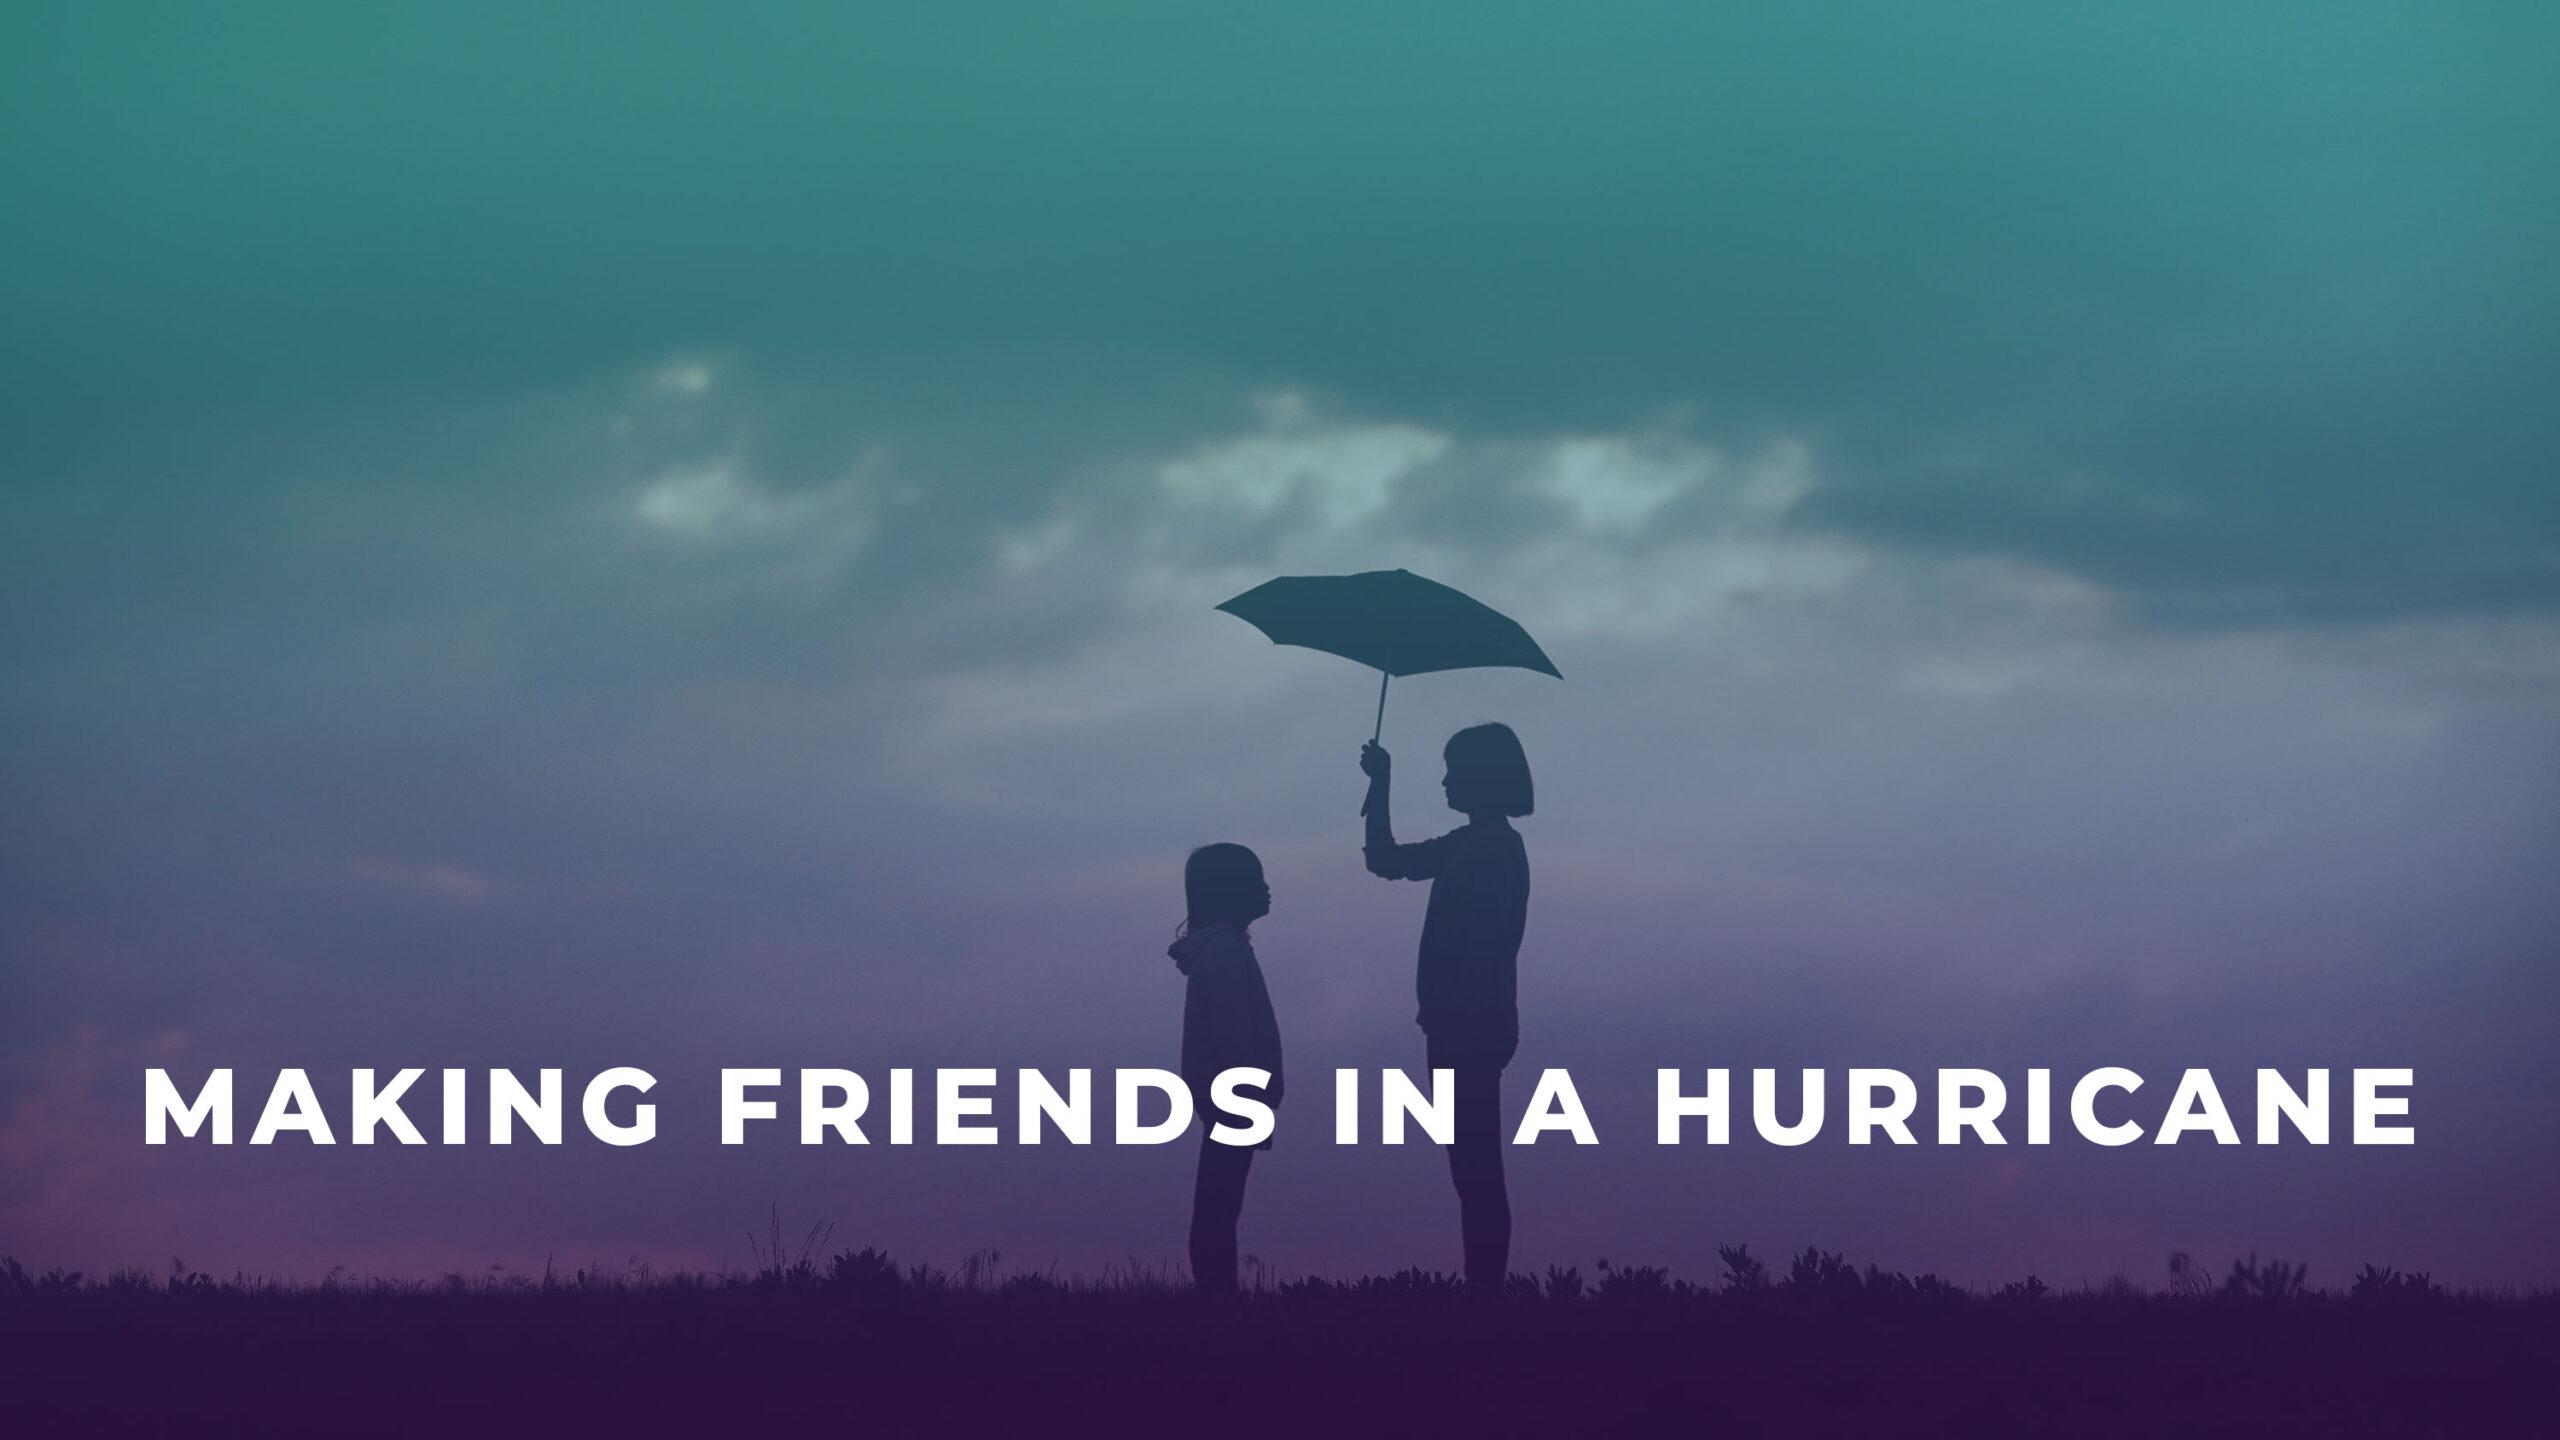 Making Friends in a Hurricane